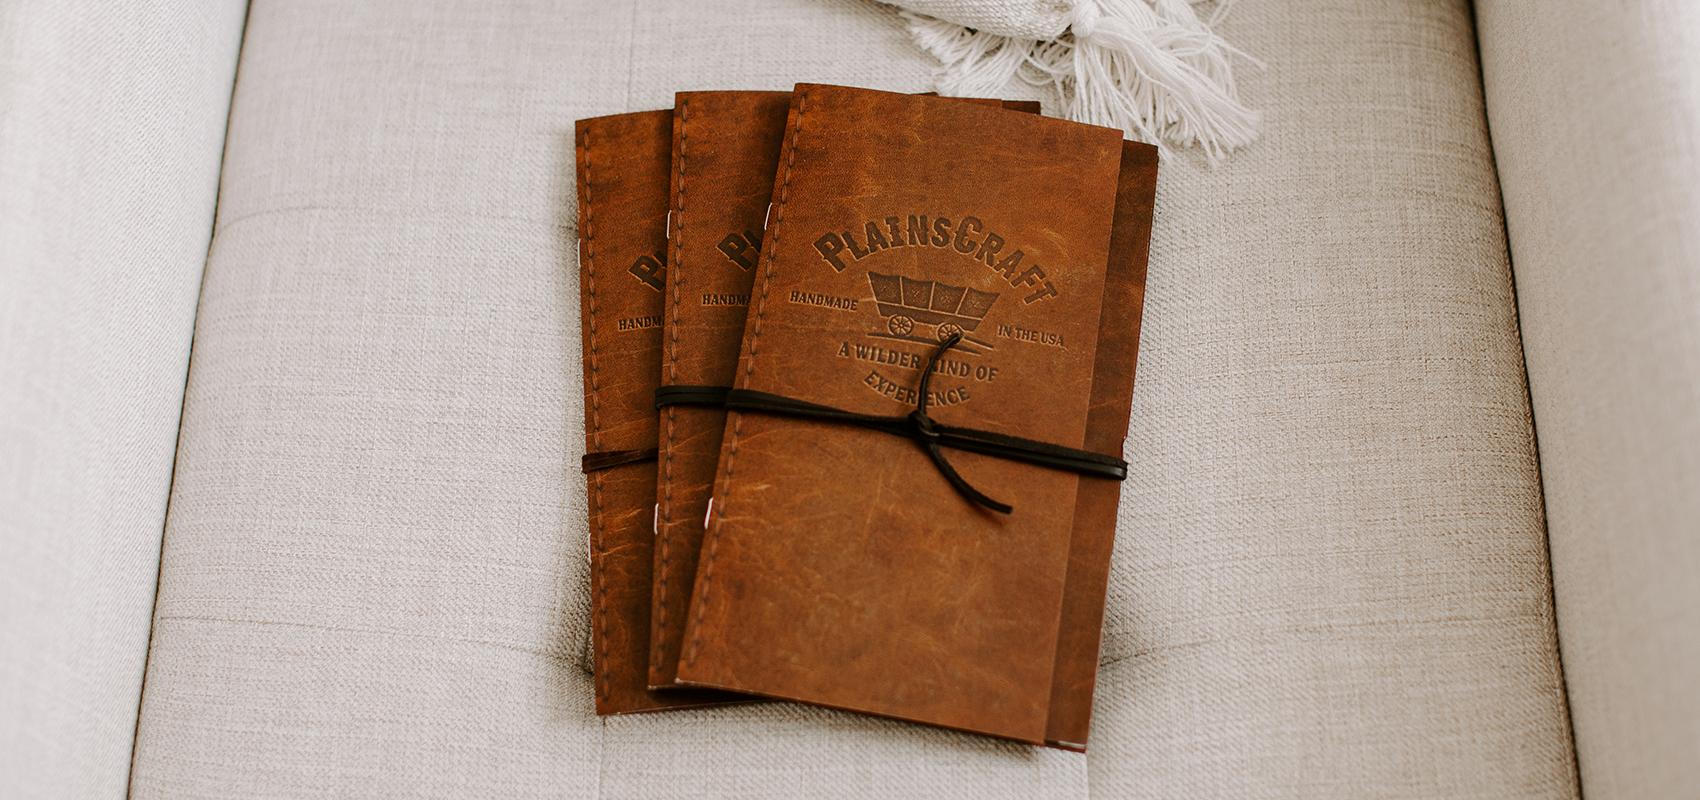 PlainsCraft brochure